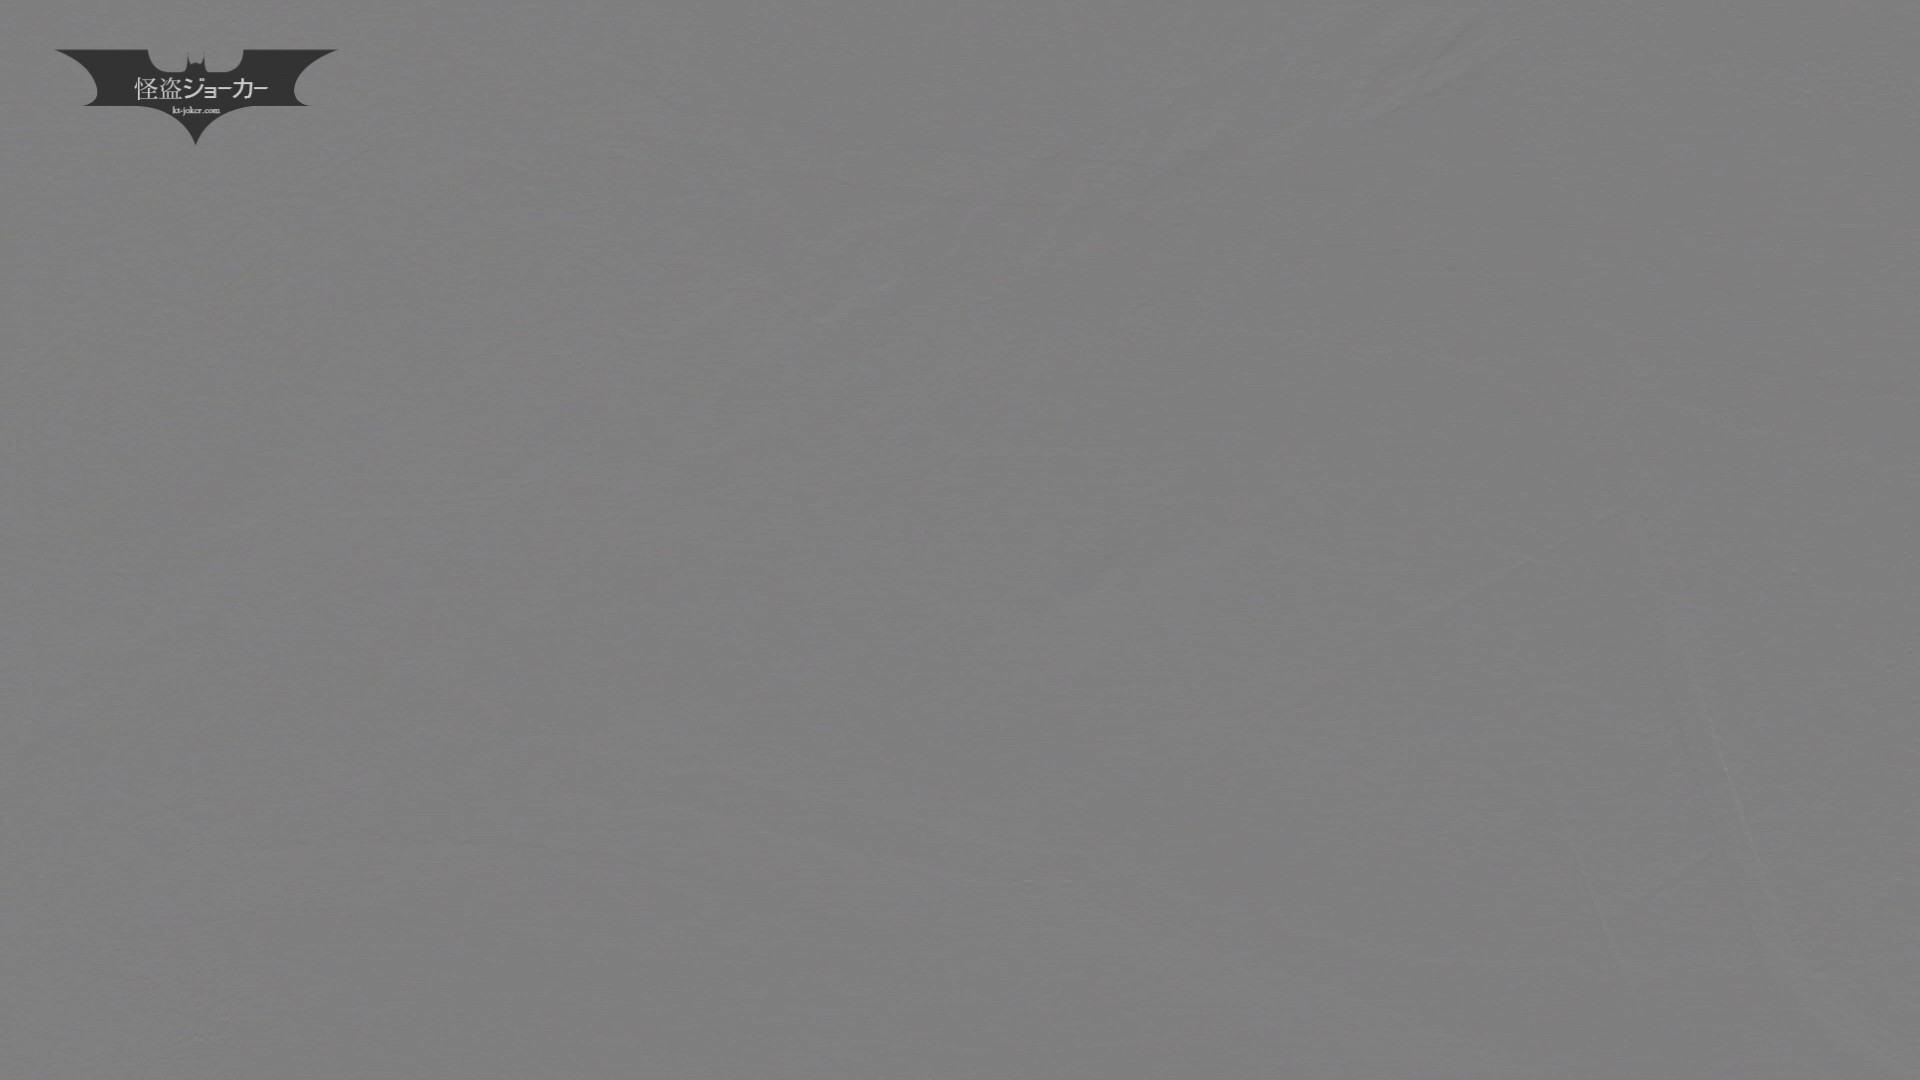 下からノゾム vol.032 走って追跡、そして、カメラ見られ大ピンチ OLの実態  98pic 2